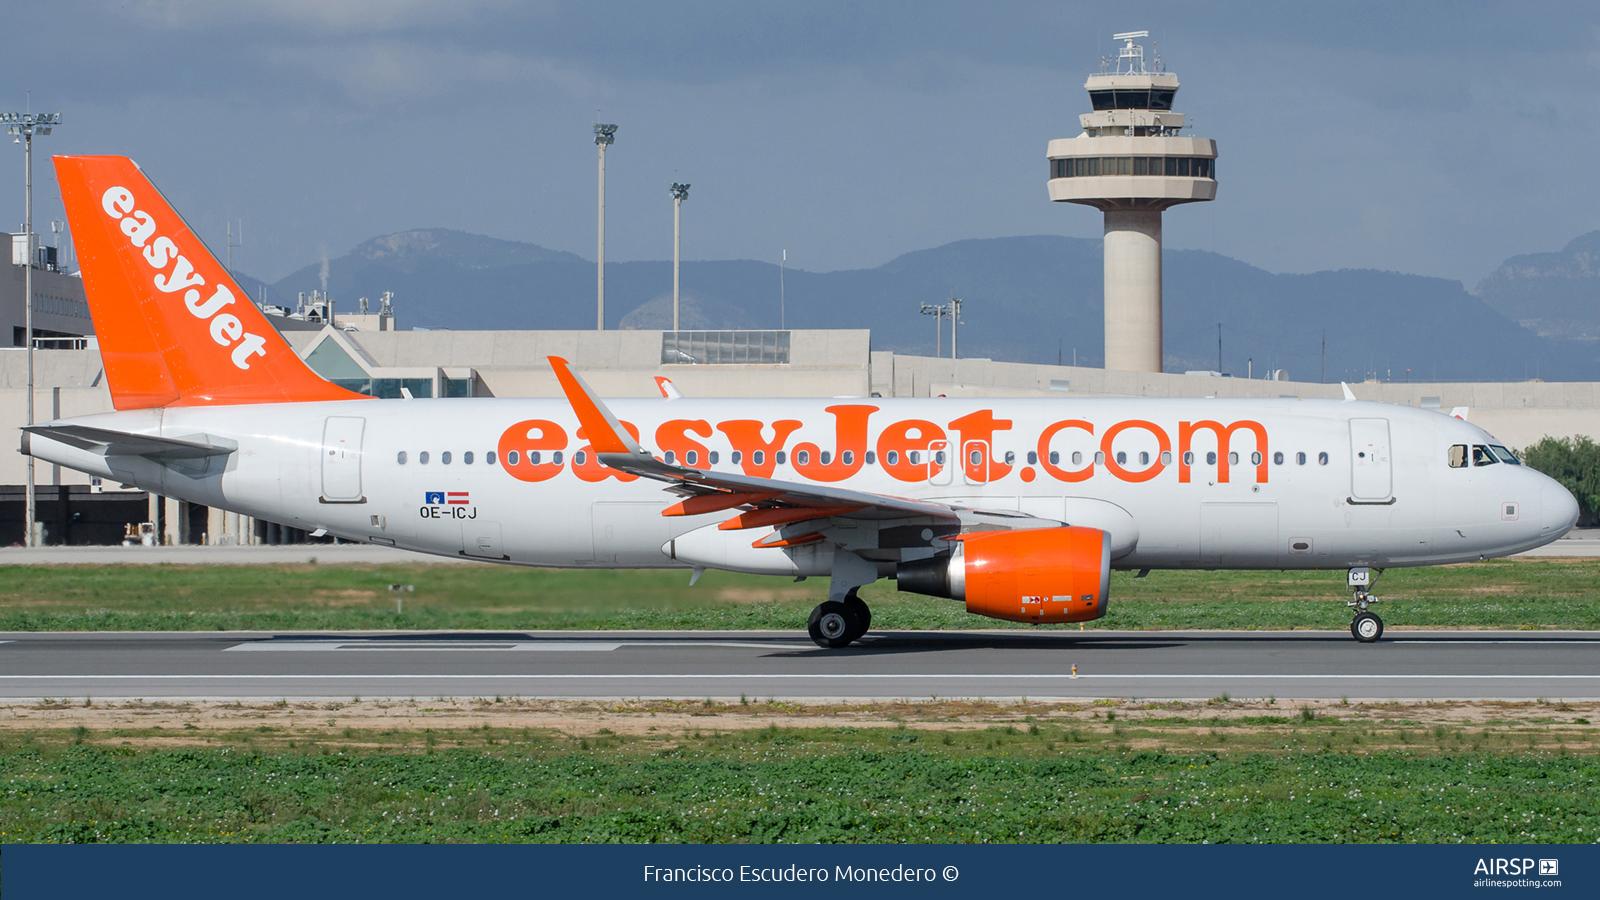 Easyjet  Airbus A320  OE-ICJ